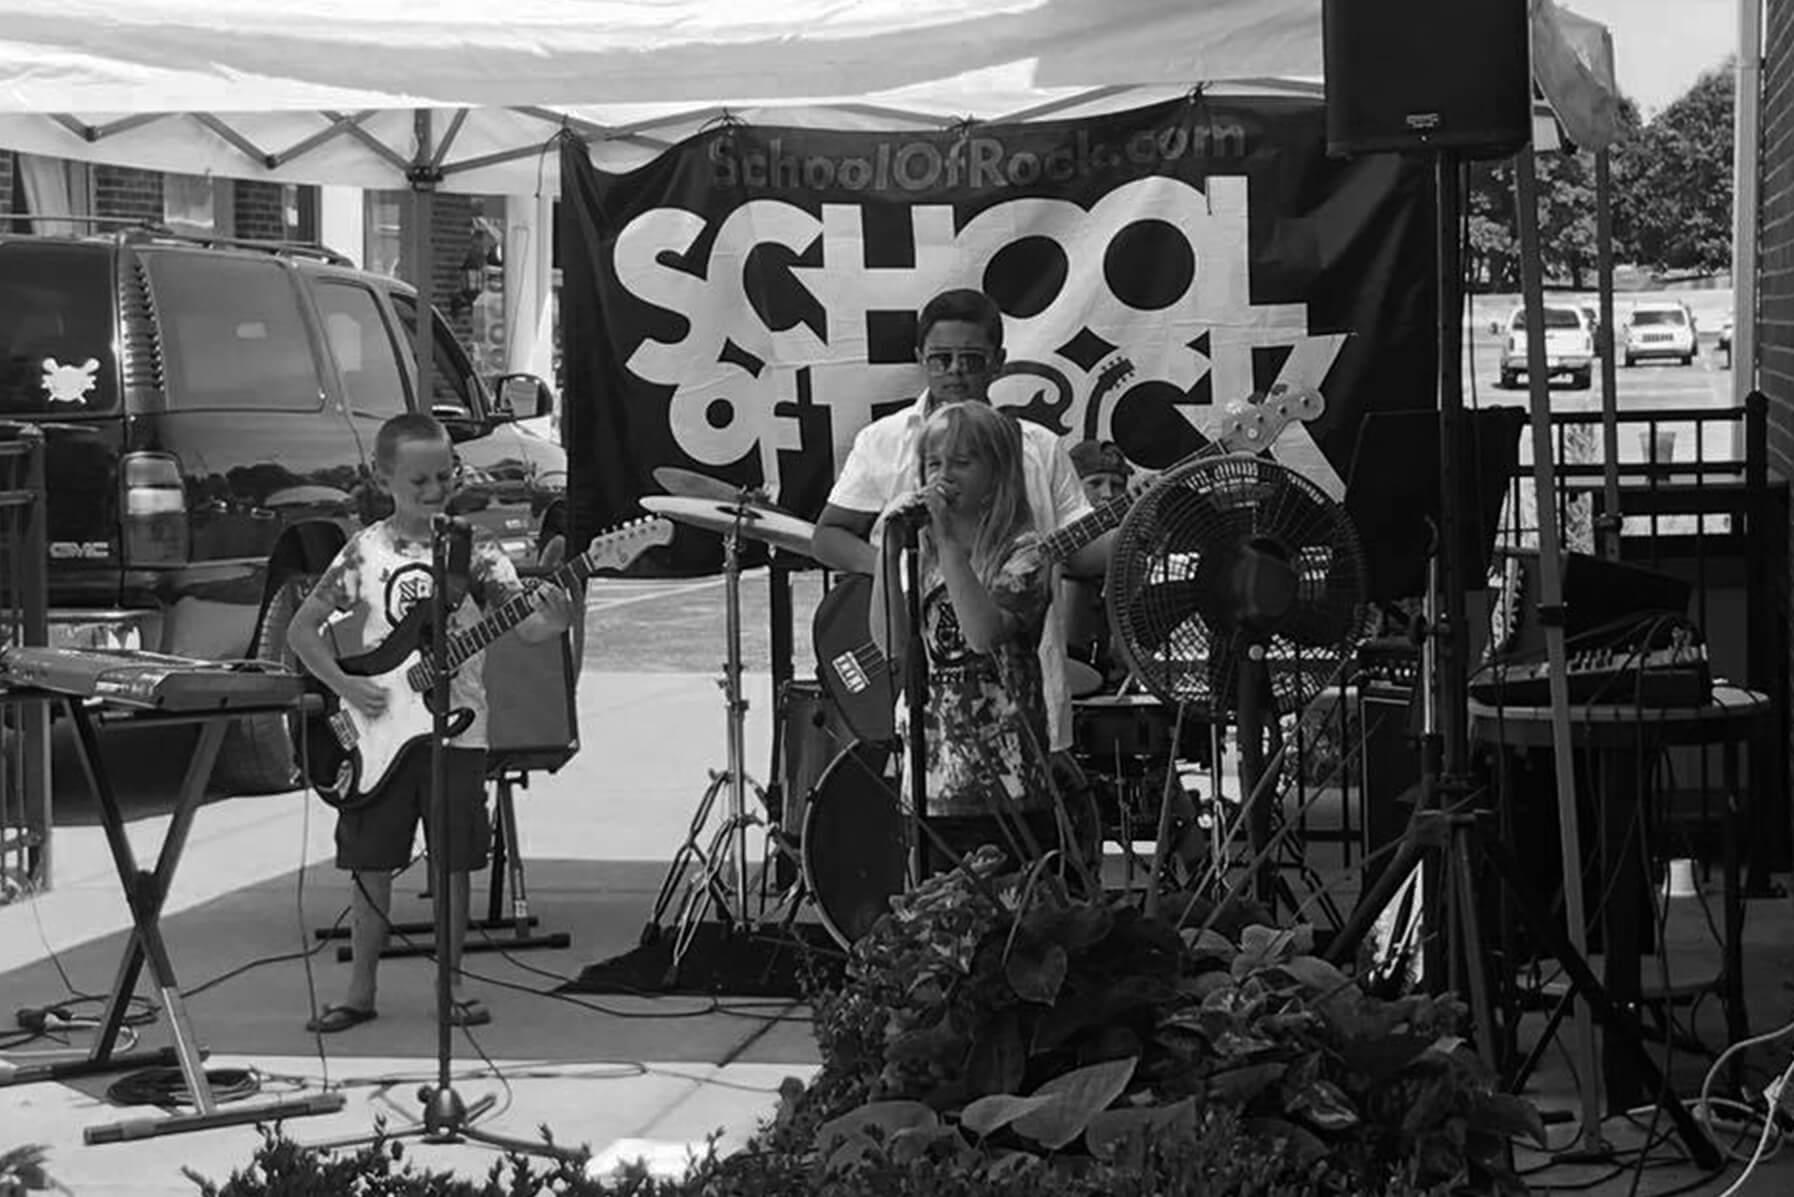 搖滾學院的學生正在表演